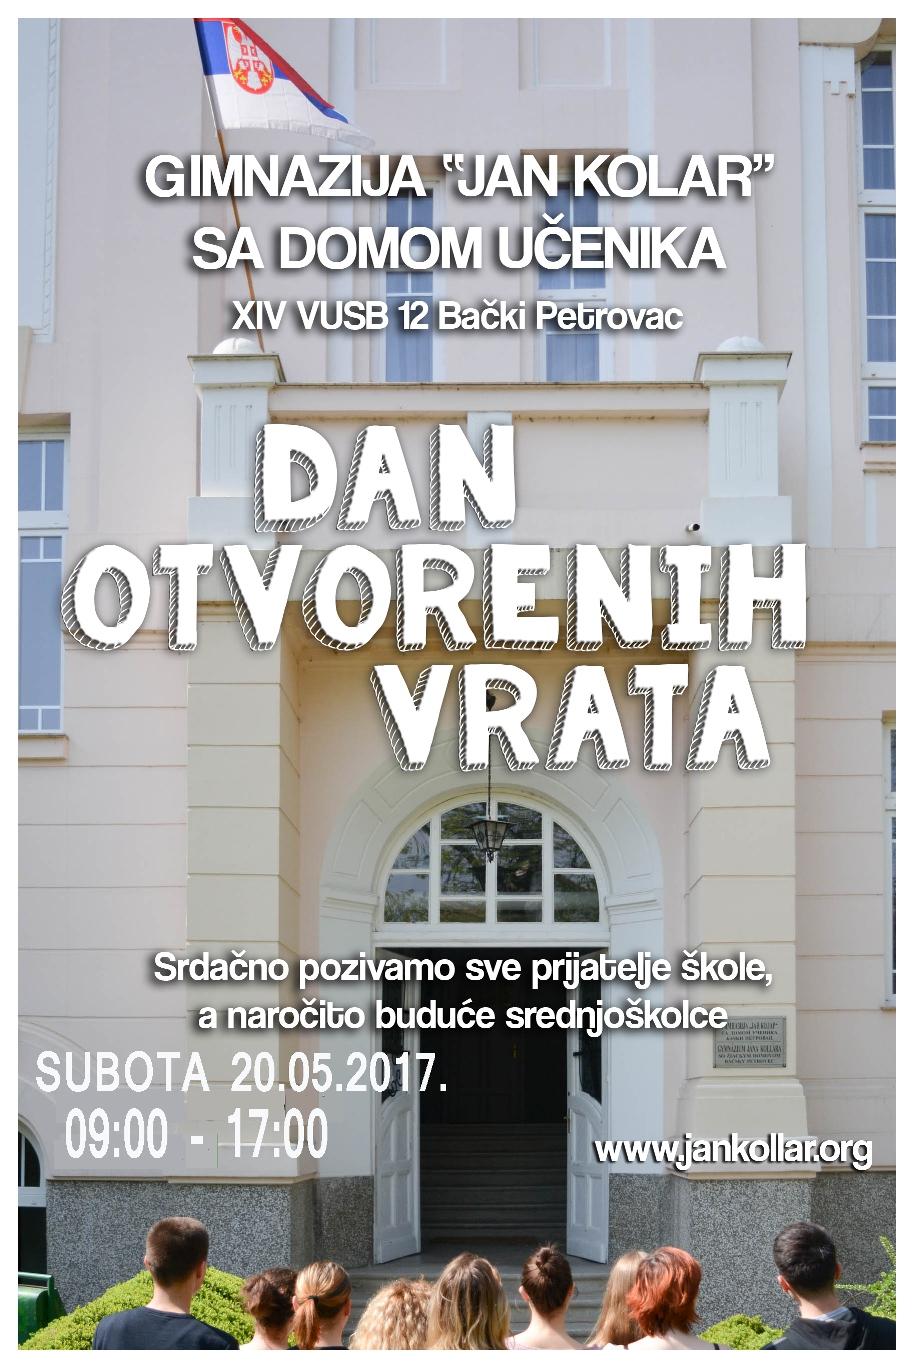 srbský plagát